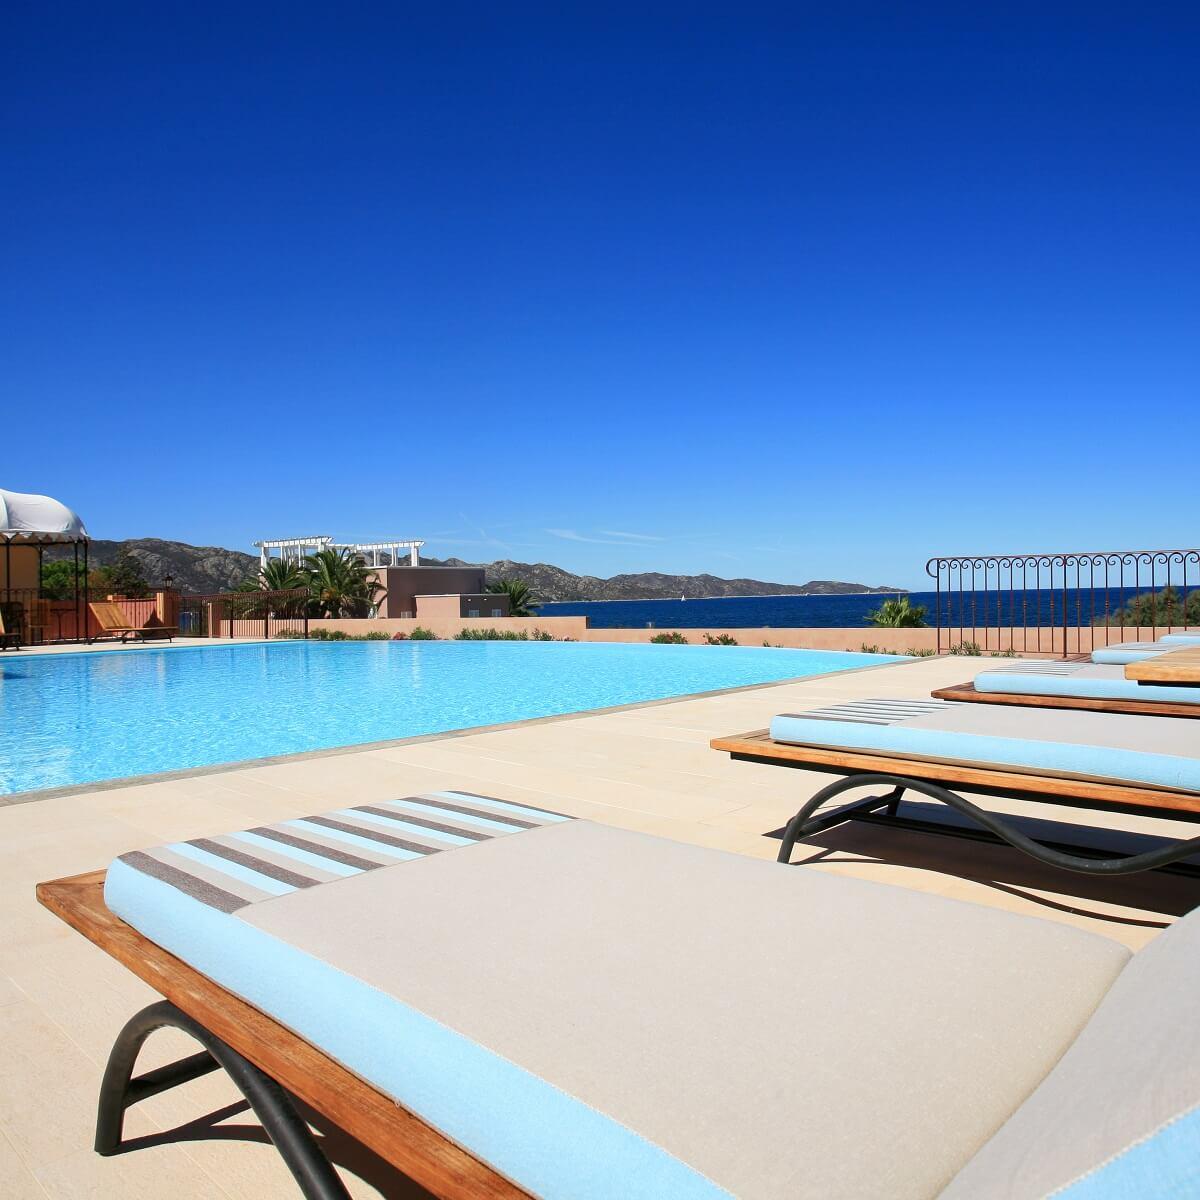 Piscine extérieure - Hôtel Demeure Loredana - Saint-Florent - Haute-Corse